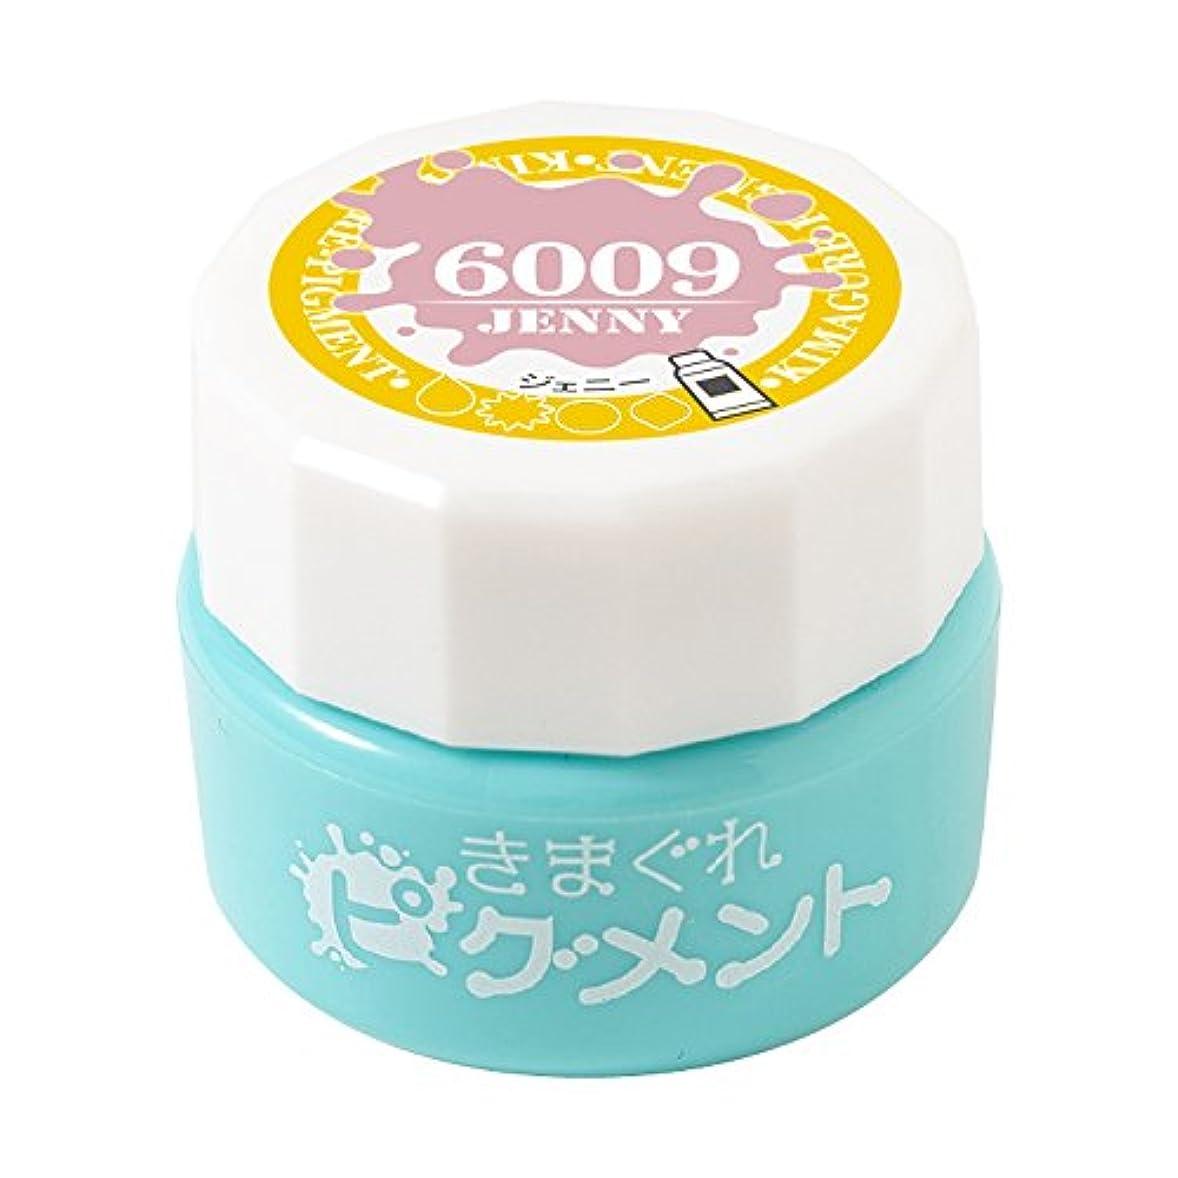 血色の良いセイはさておき安西Bettygel きまぐれピグメント ジェニー QYJ-6009 4g UV/LED対応